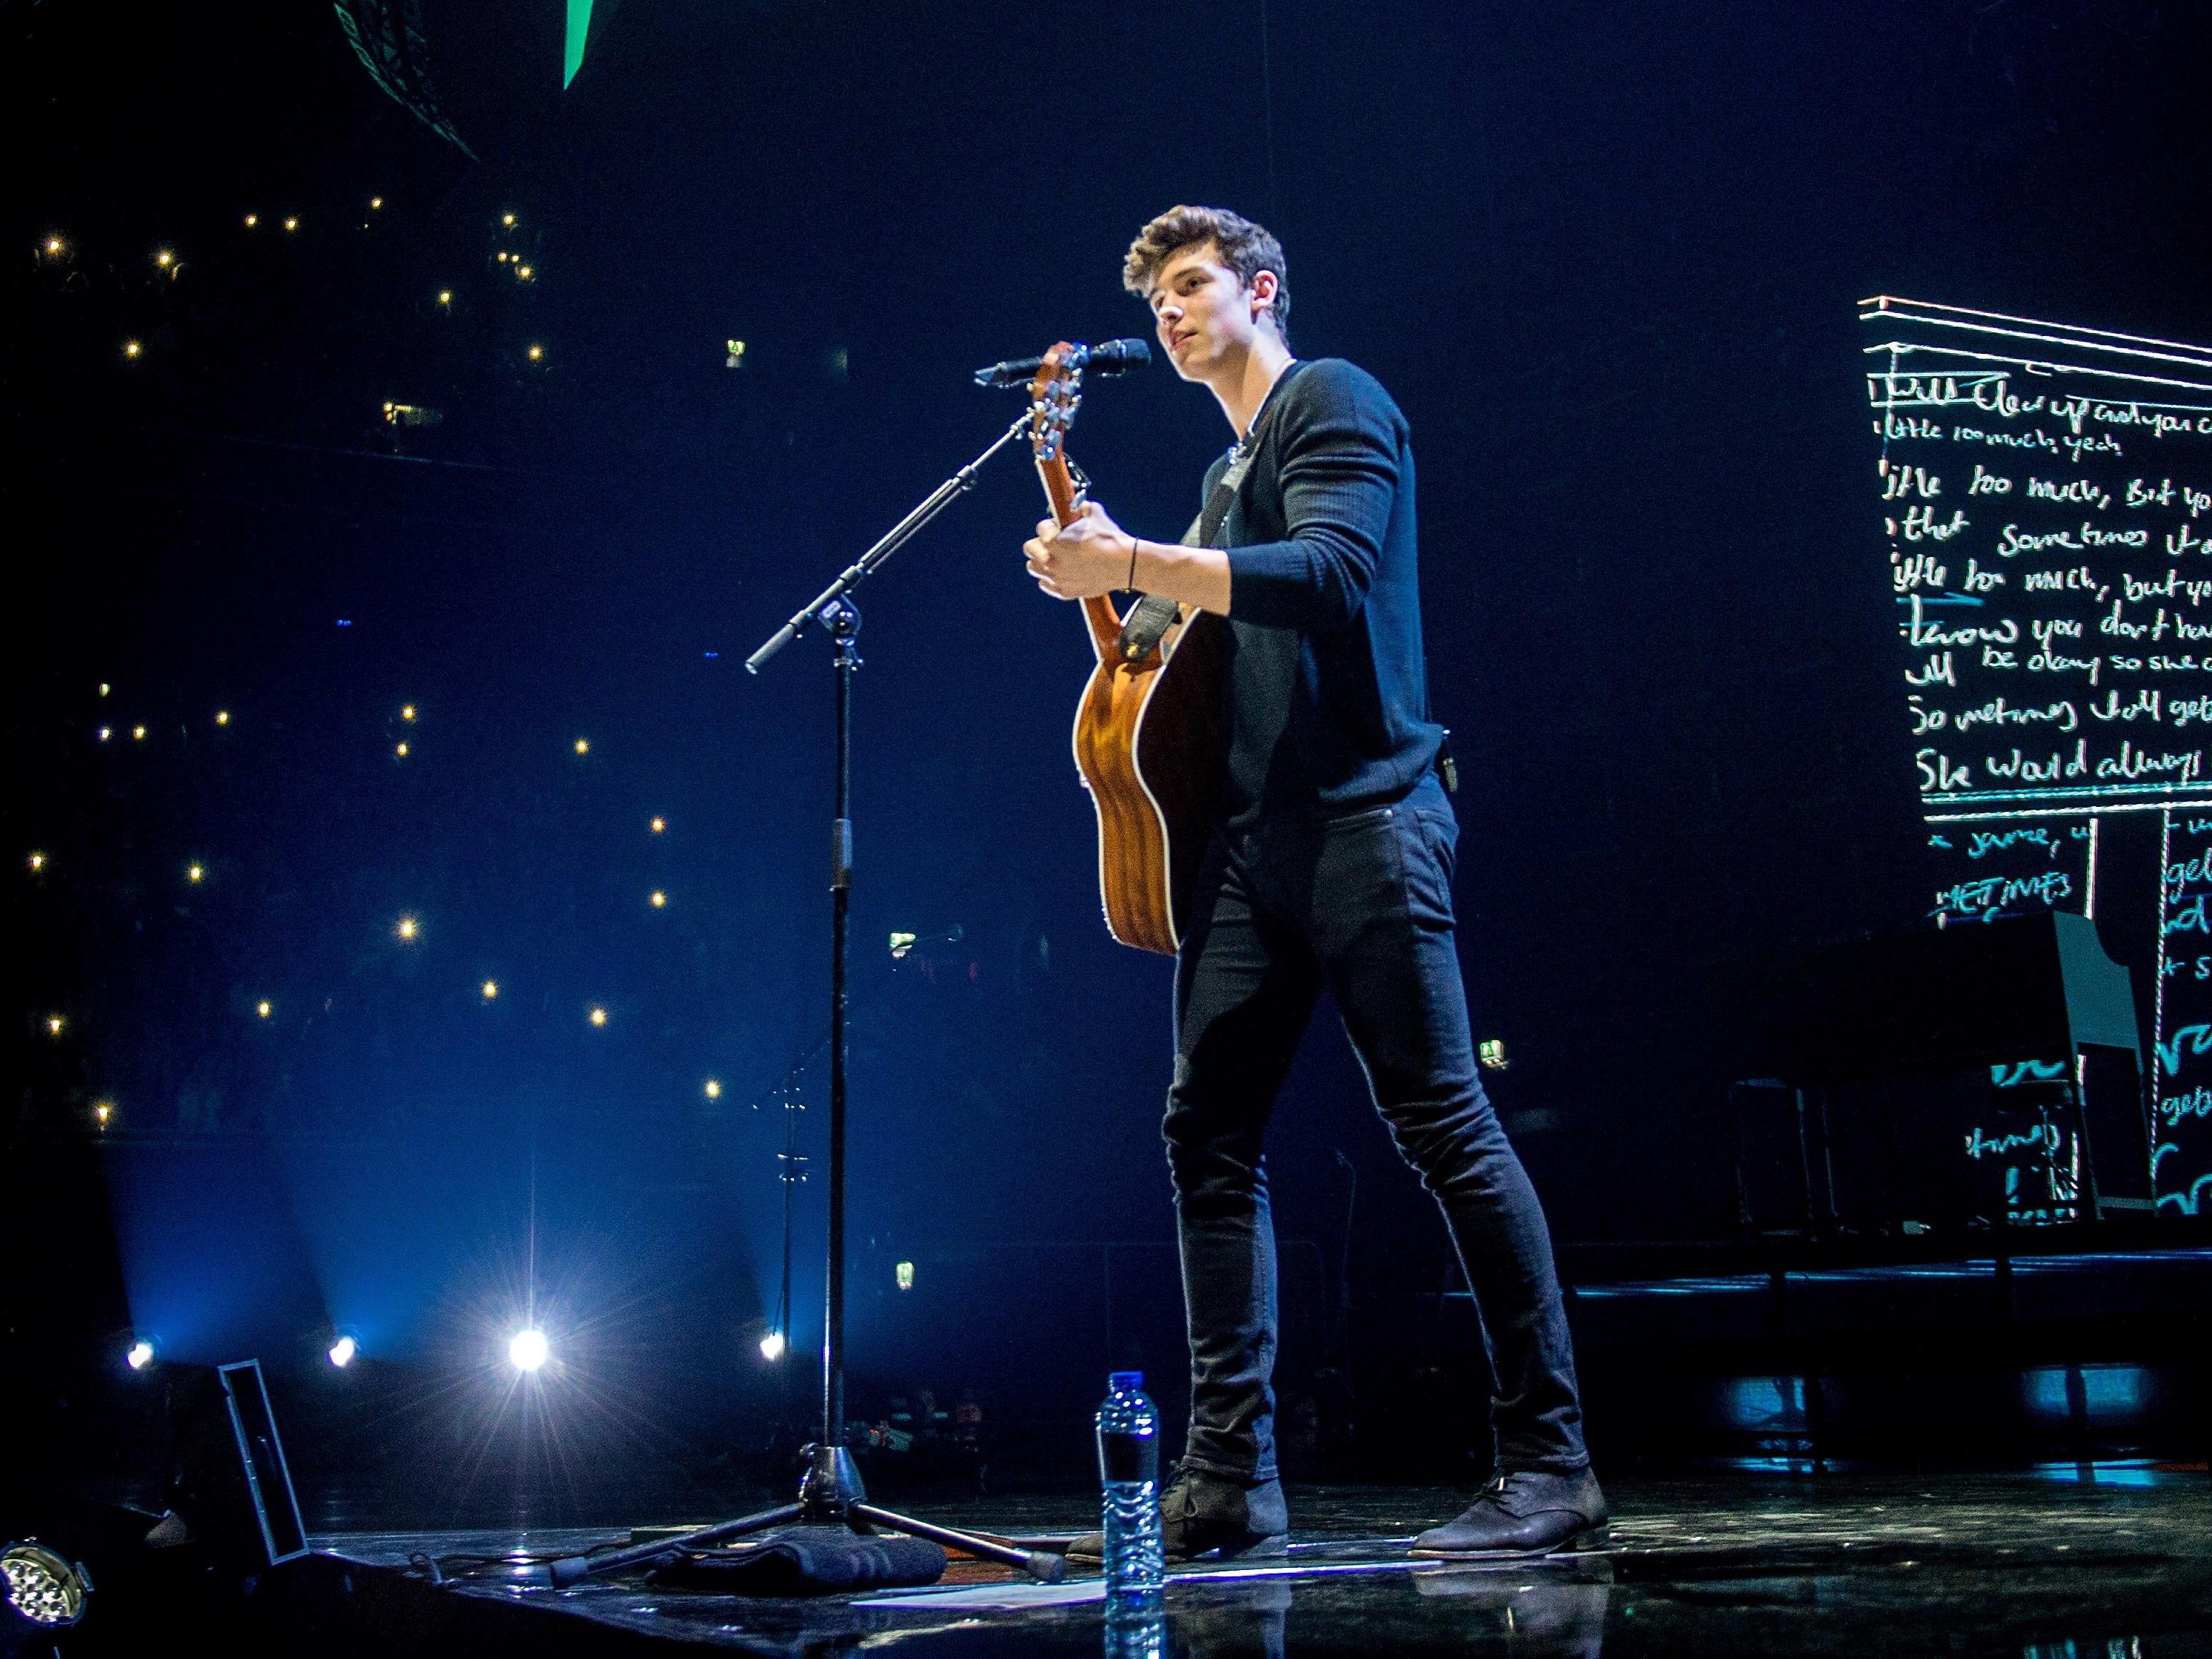 Der Kanadier Shawn Mendes punktet mit seiner neuen Single.